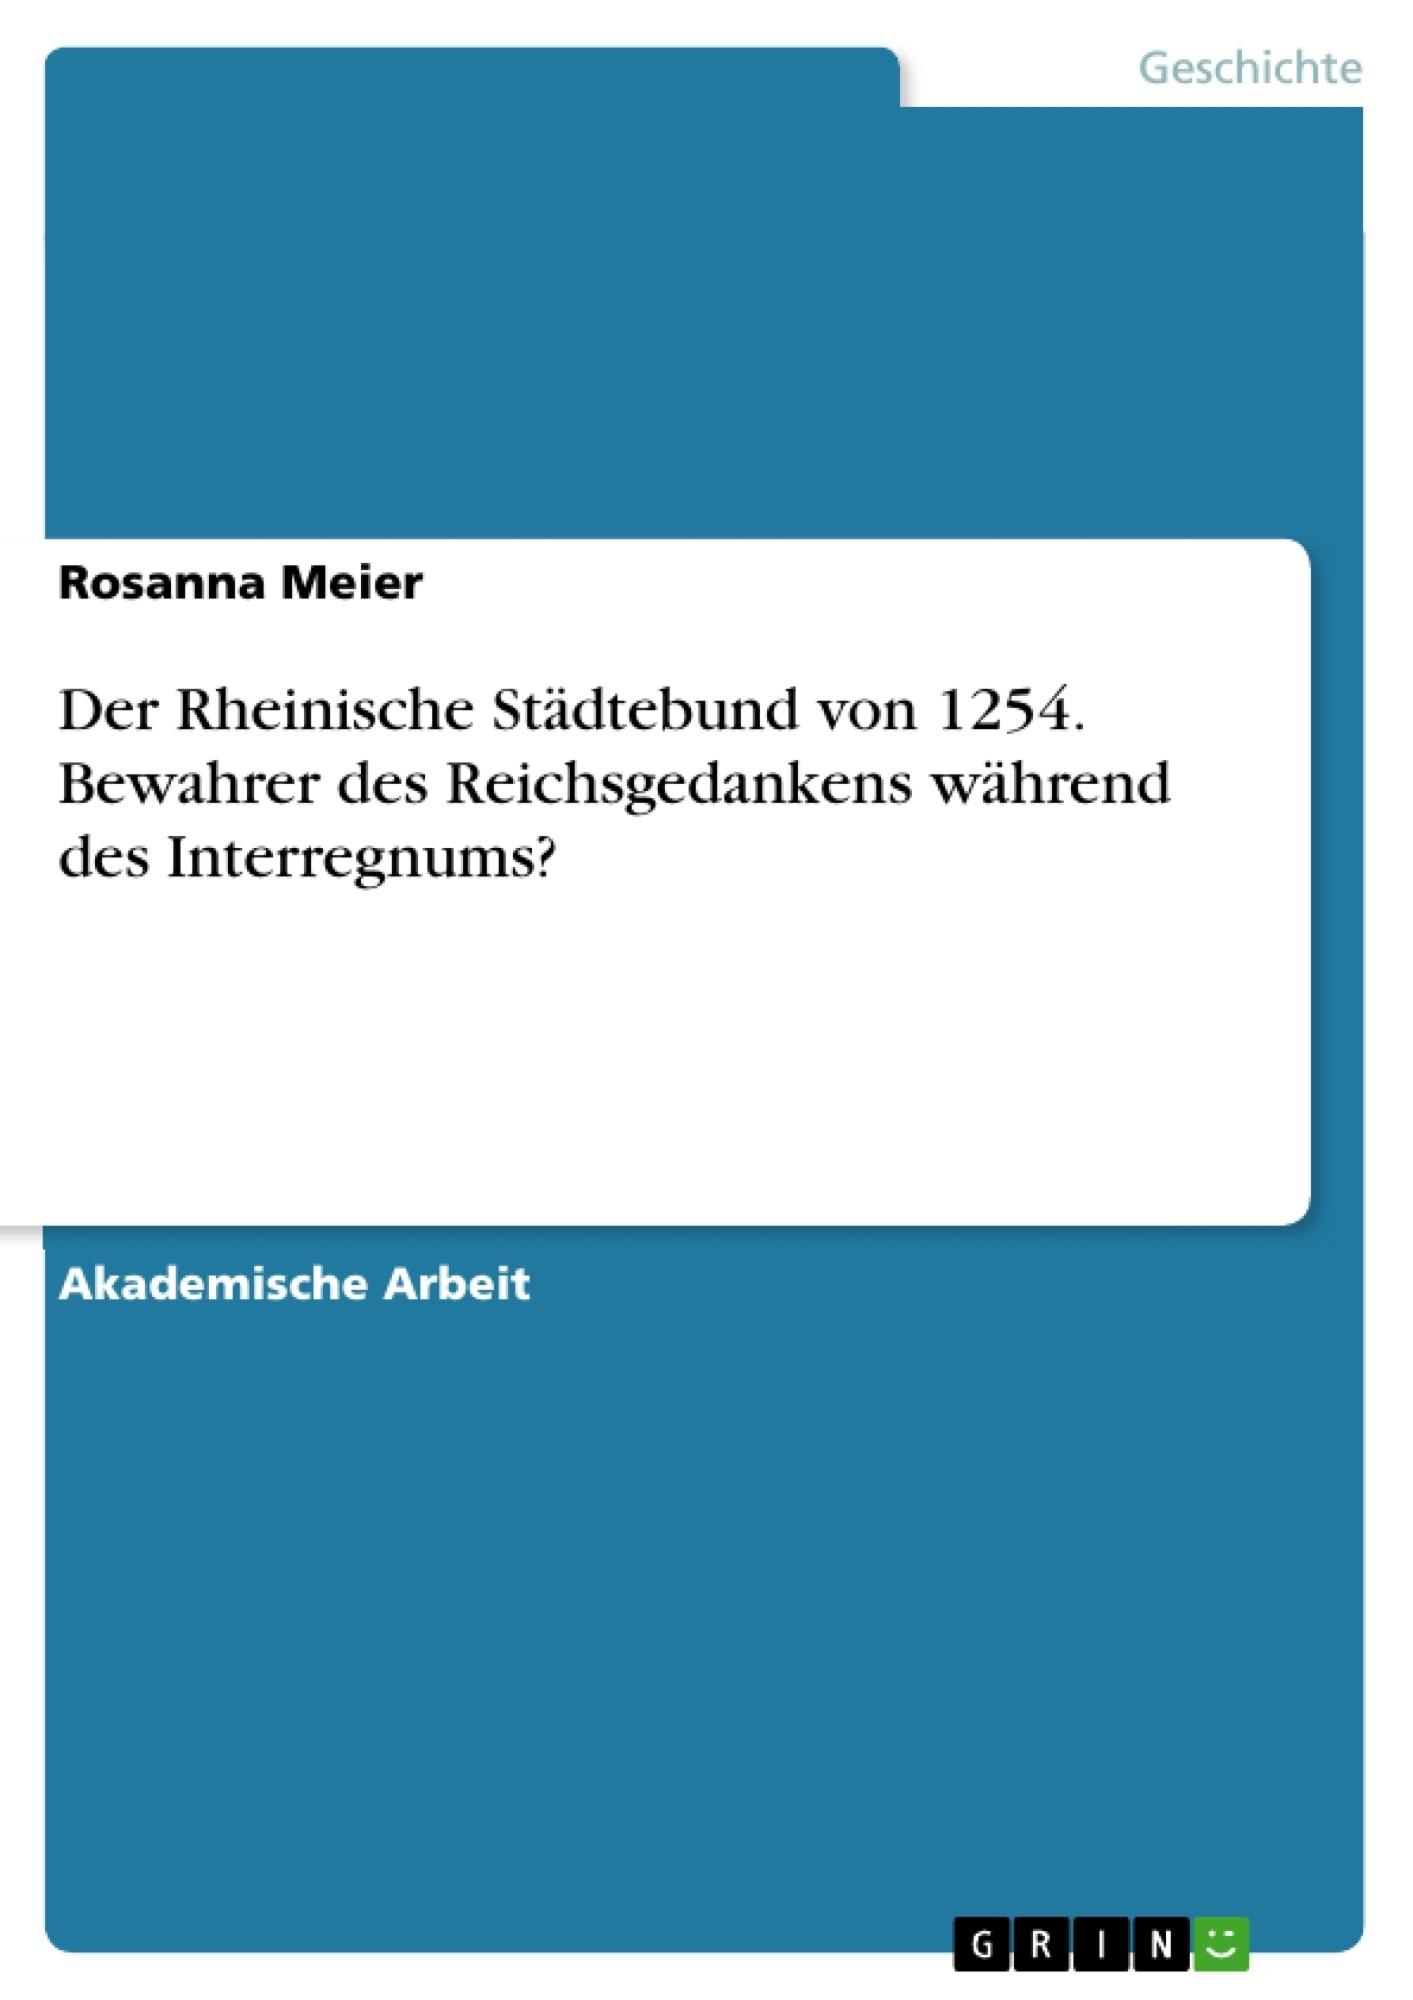 Titel: Der Rheinische Städtebund von 1254. Bewahrer des Reichsgedankens während des Interregnums?